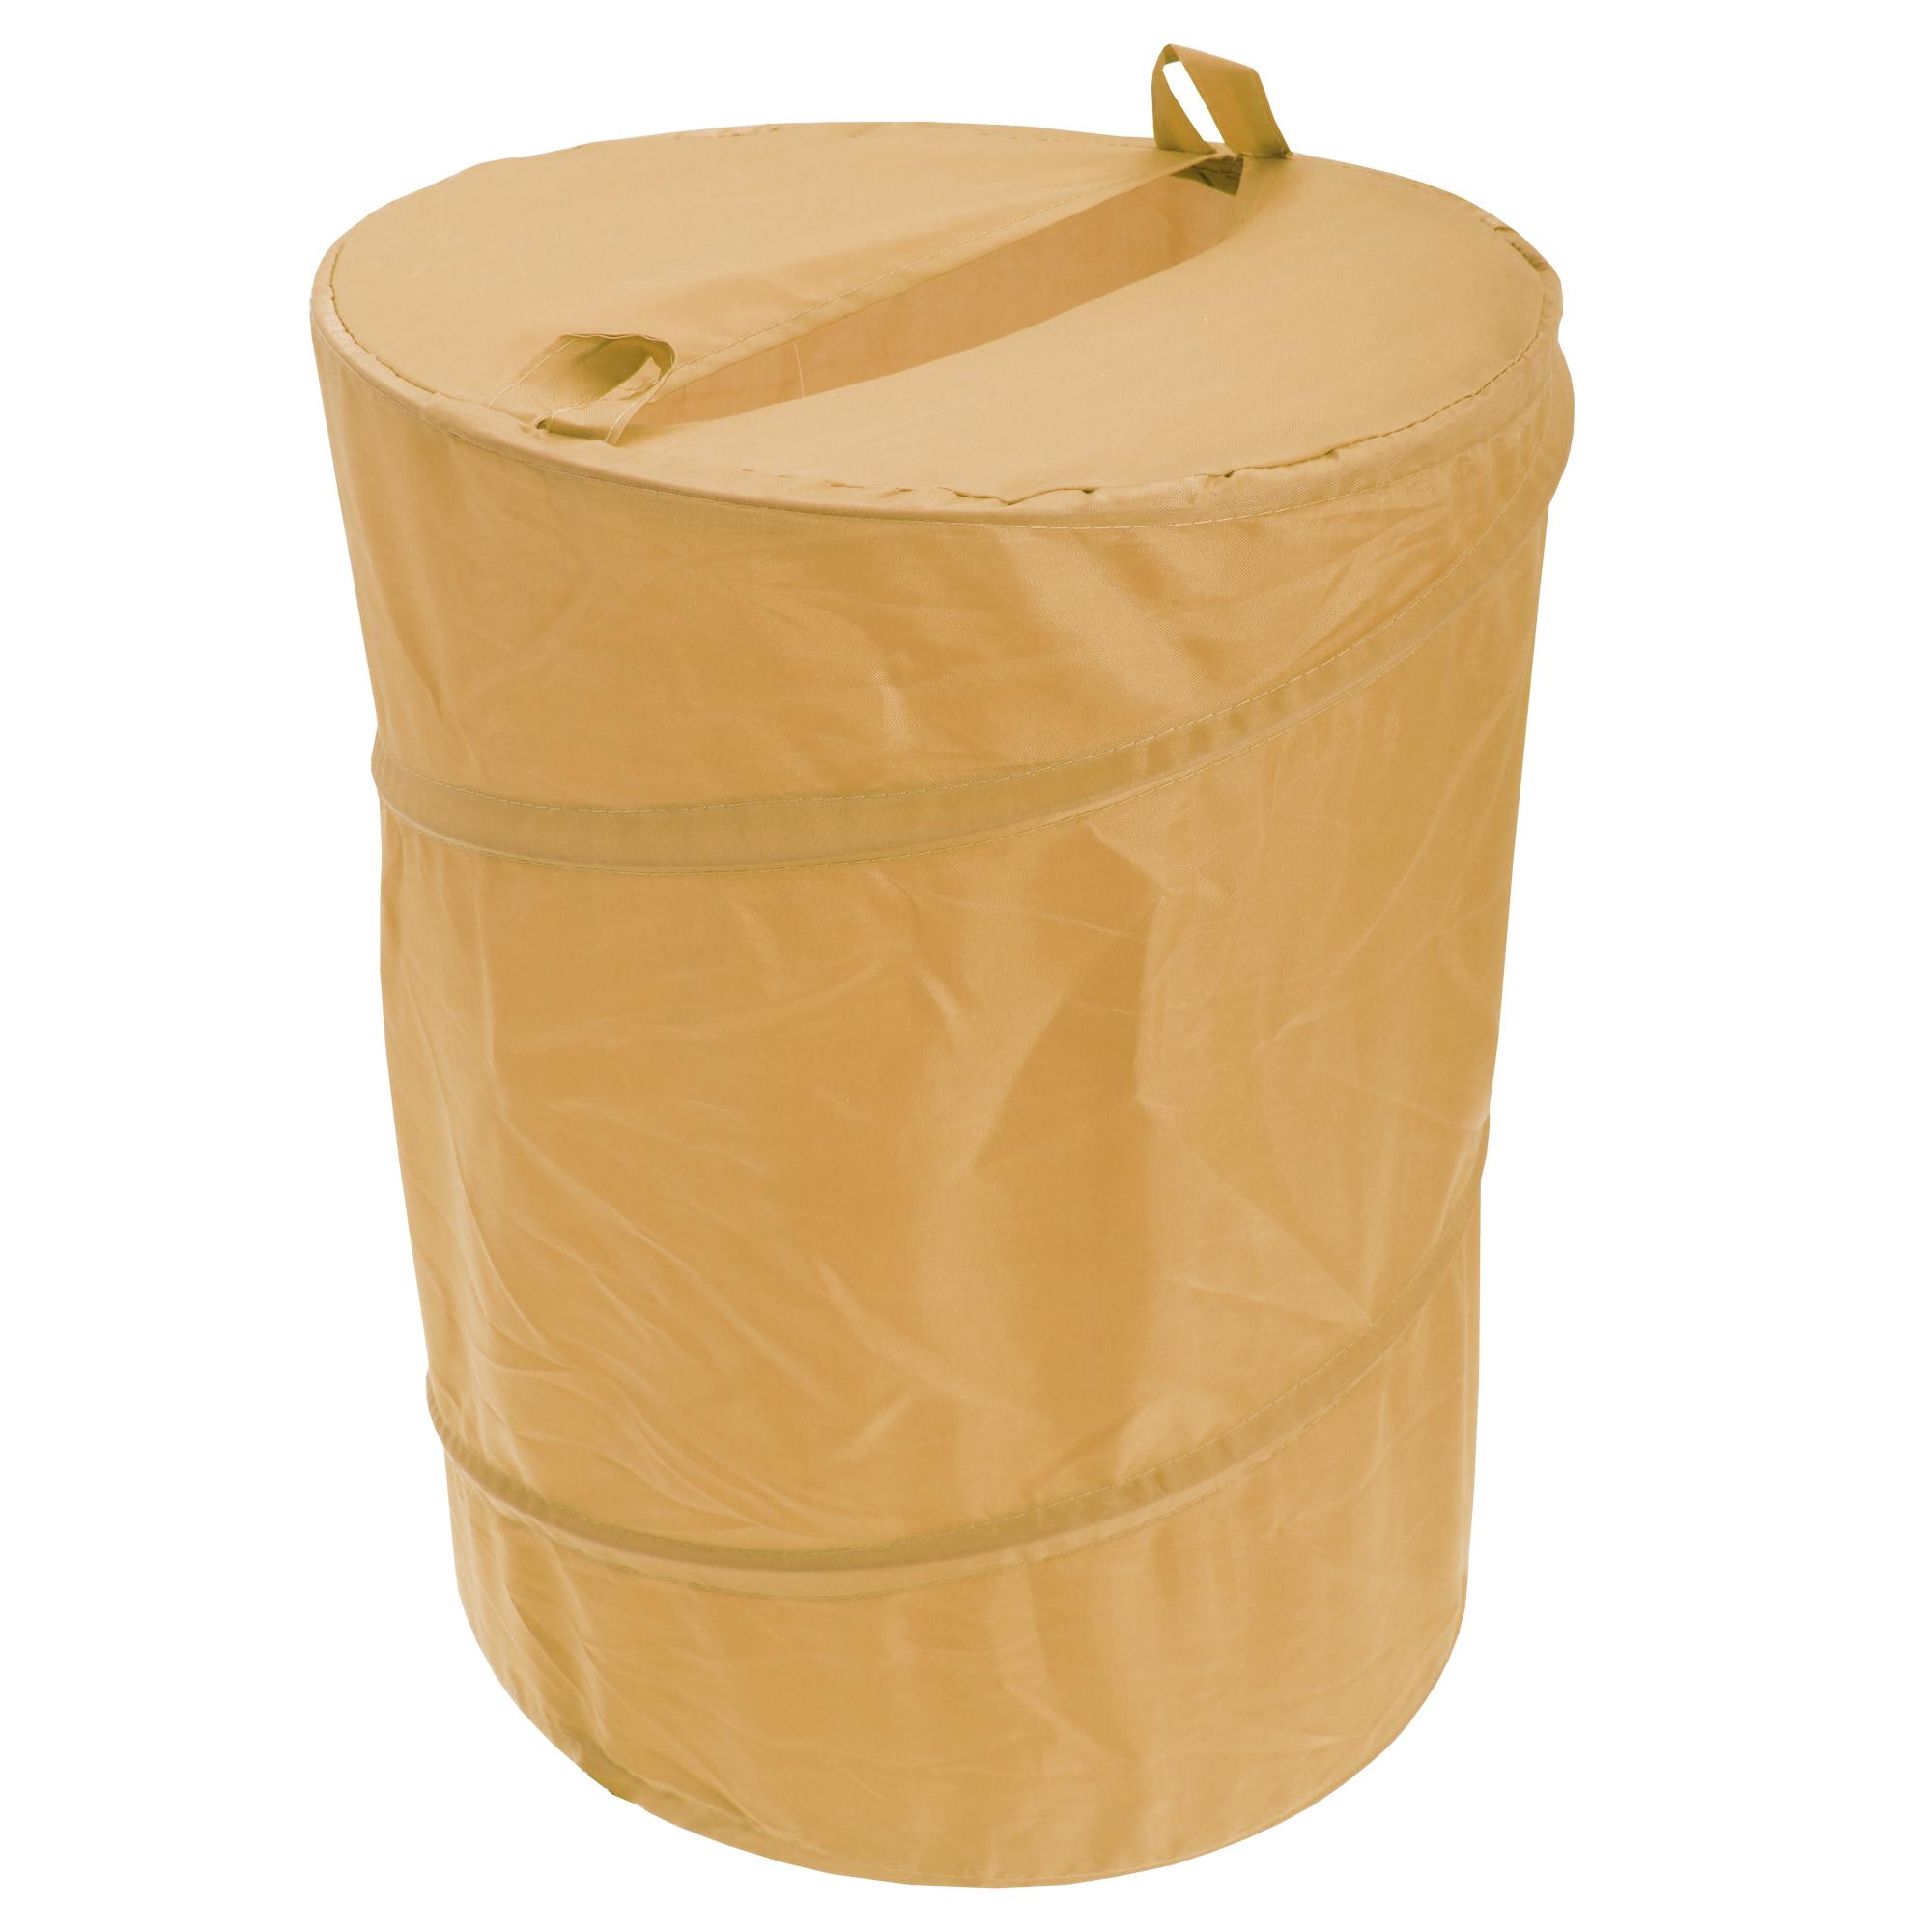 Waterline Plain Pop Up Laundry Basket Storage Hamper 5